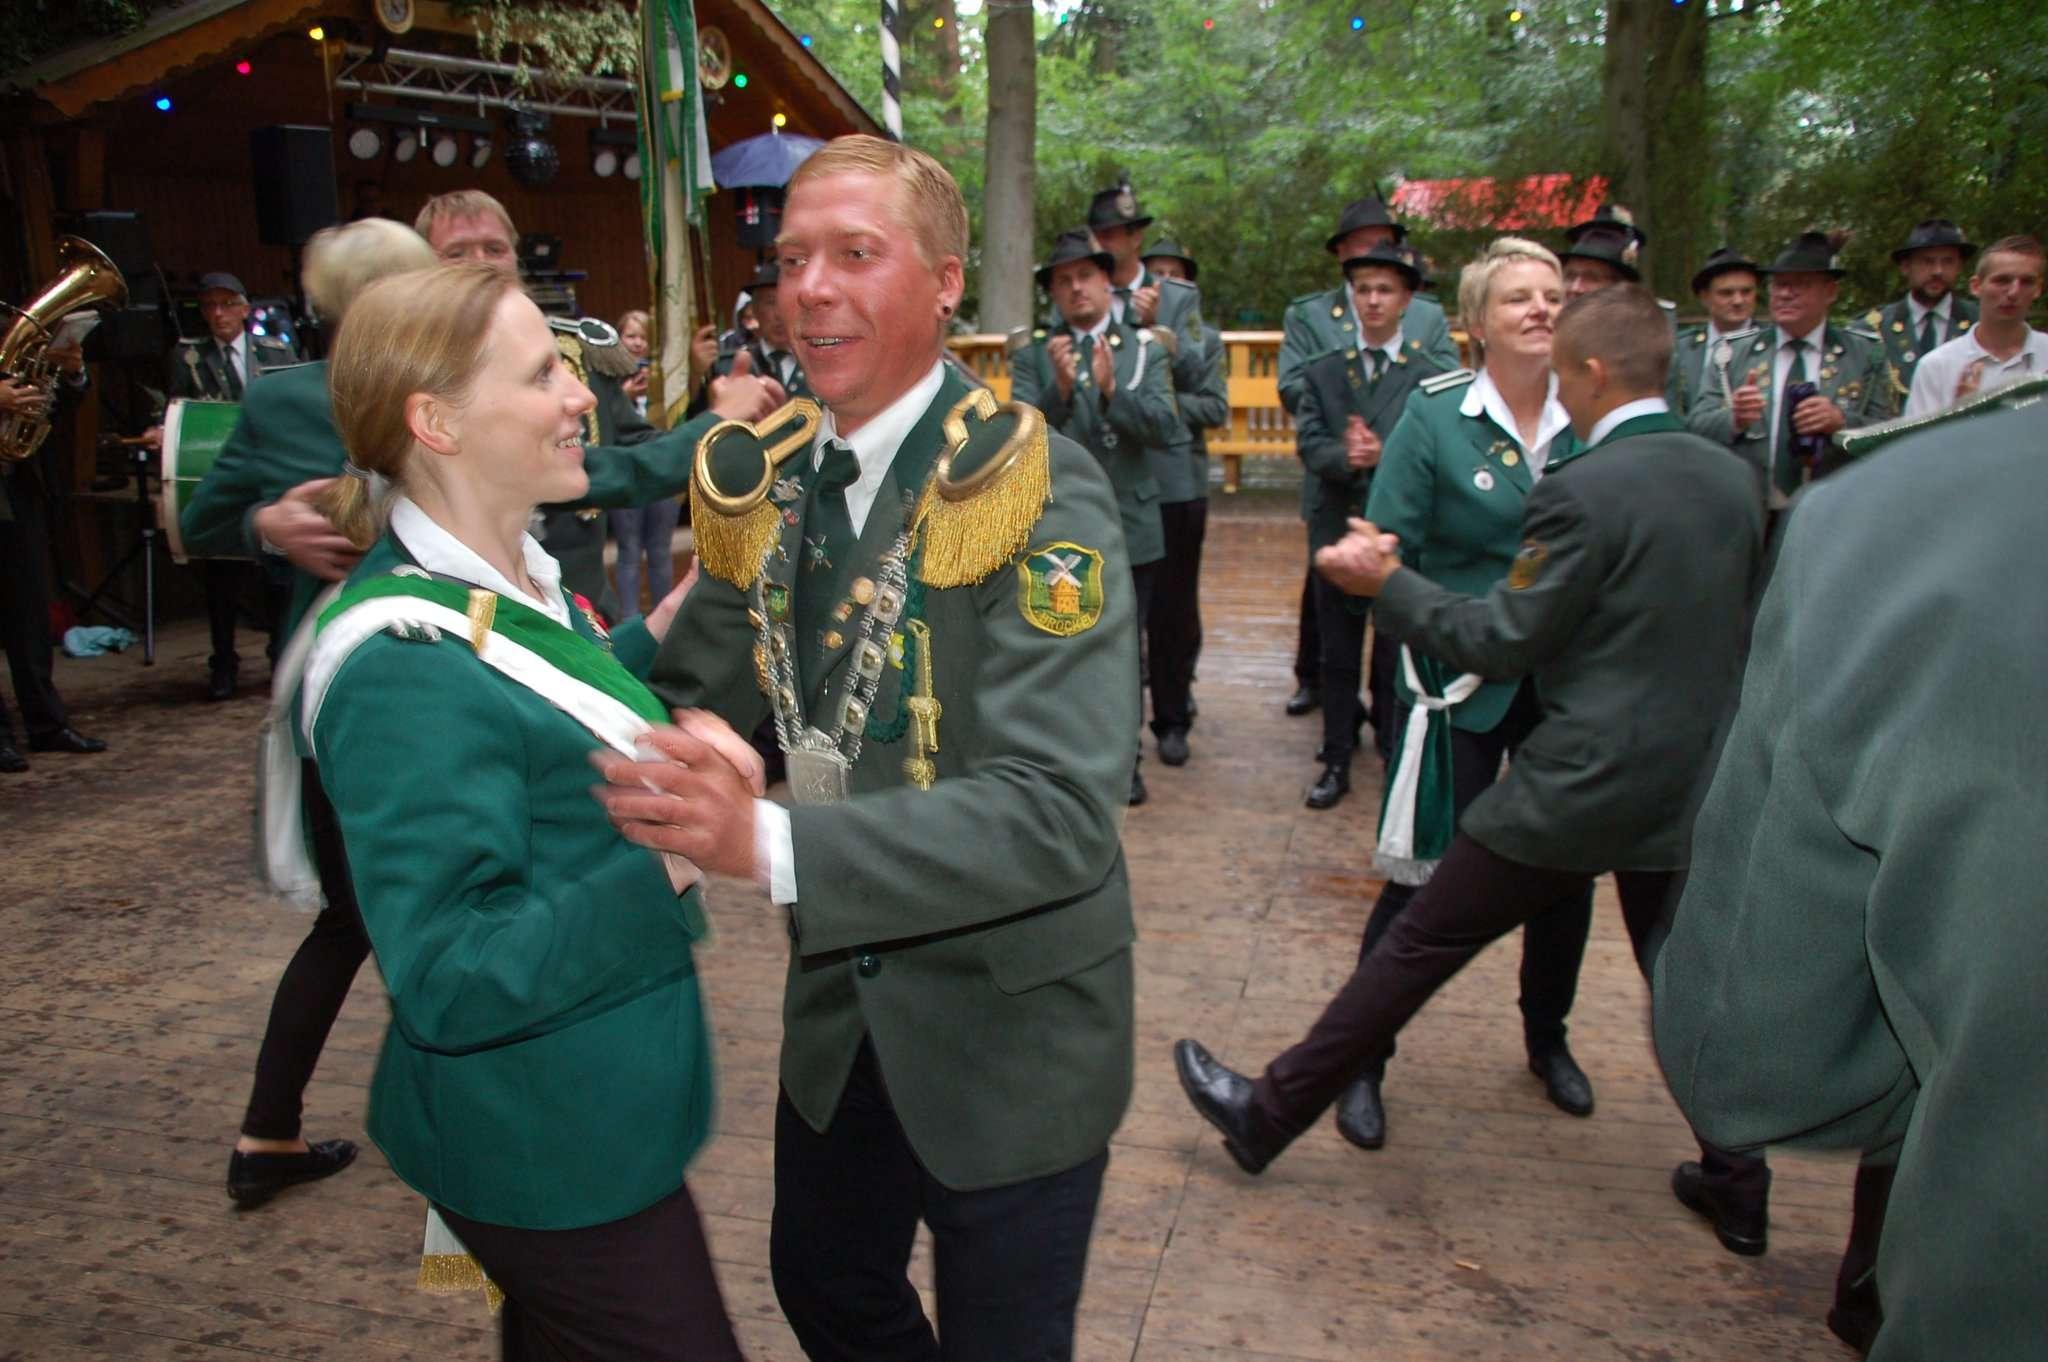 Martin Cummerow eröffnete mit einem Ehrentanz sein Königsjahr. Foto: Jürgen Voß